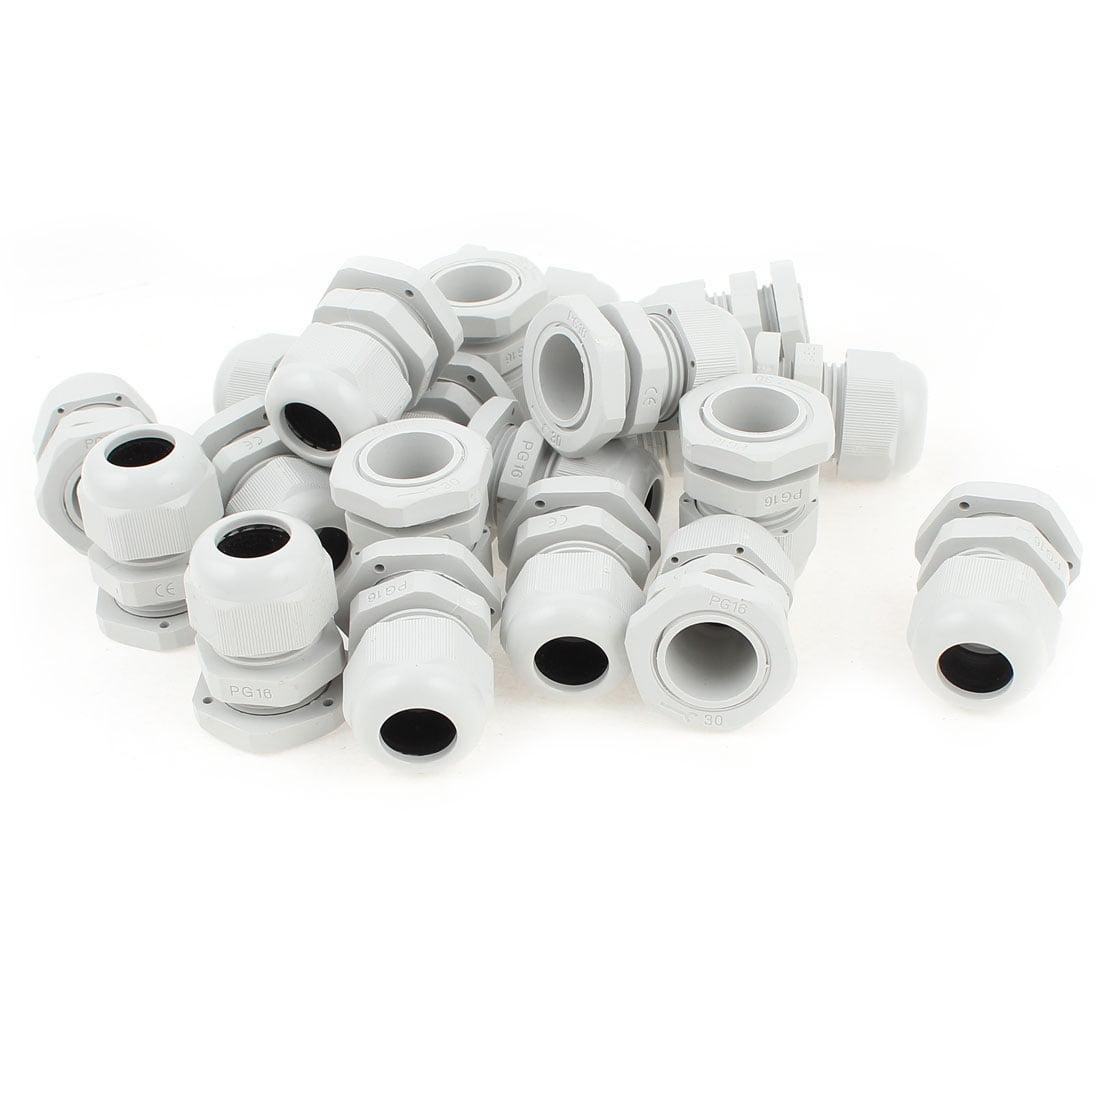 PG-29 blanc en plastique /étanche Connecteurs Cable Glands 10 Pcs